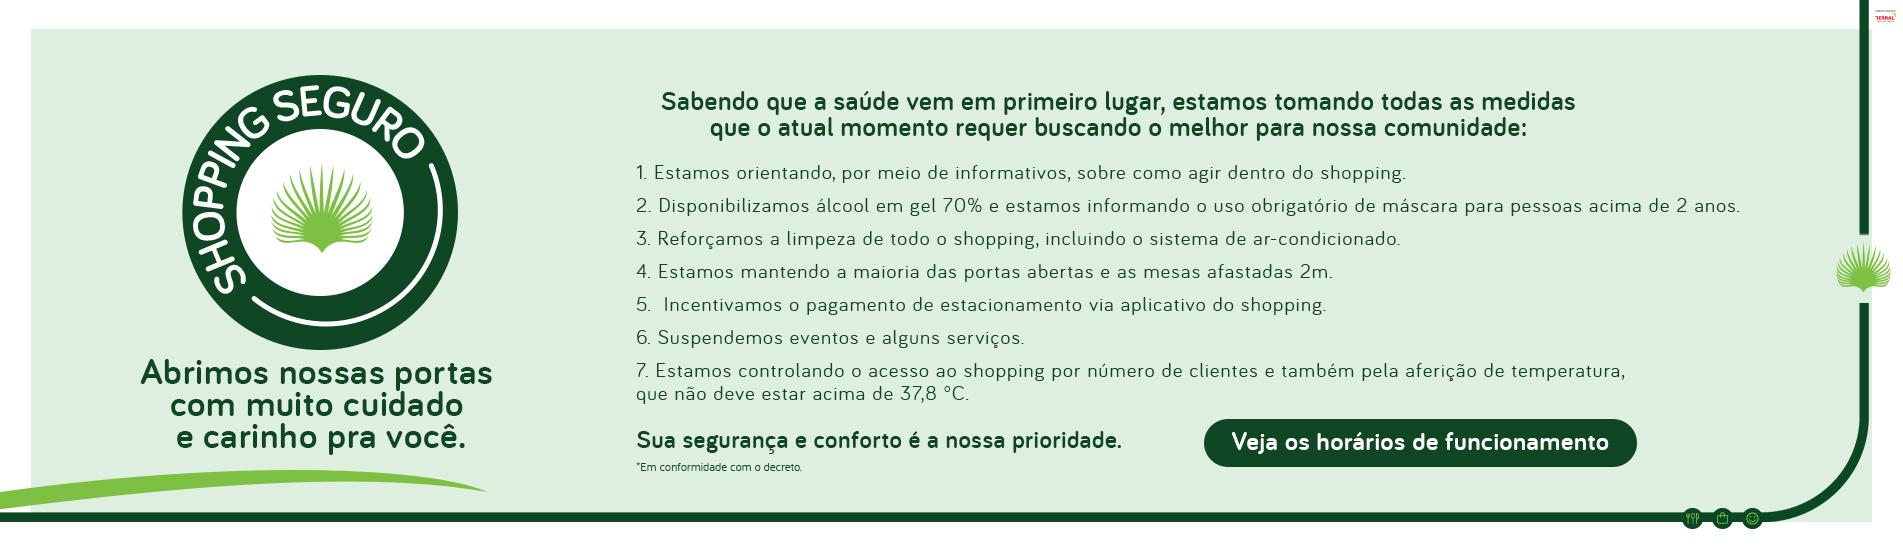 REABERTURA DO SHOPPING - INFORMAÇÕES E ORIENTAÇÕES